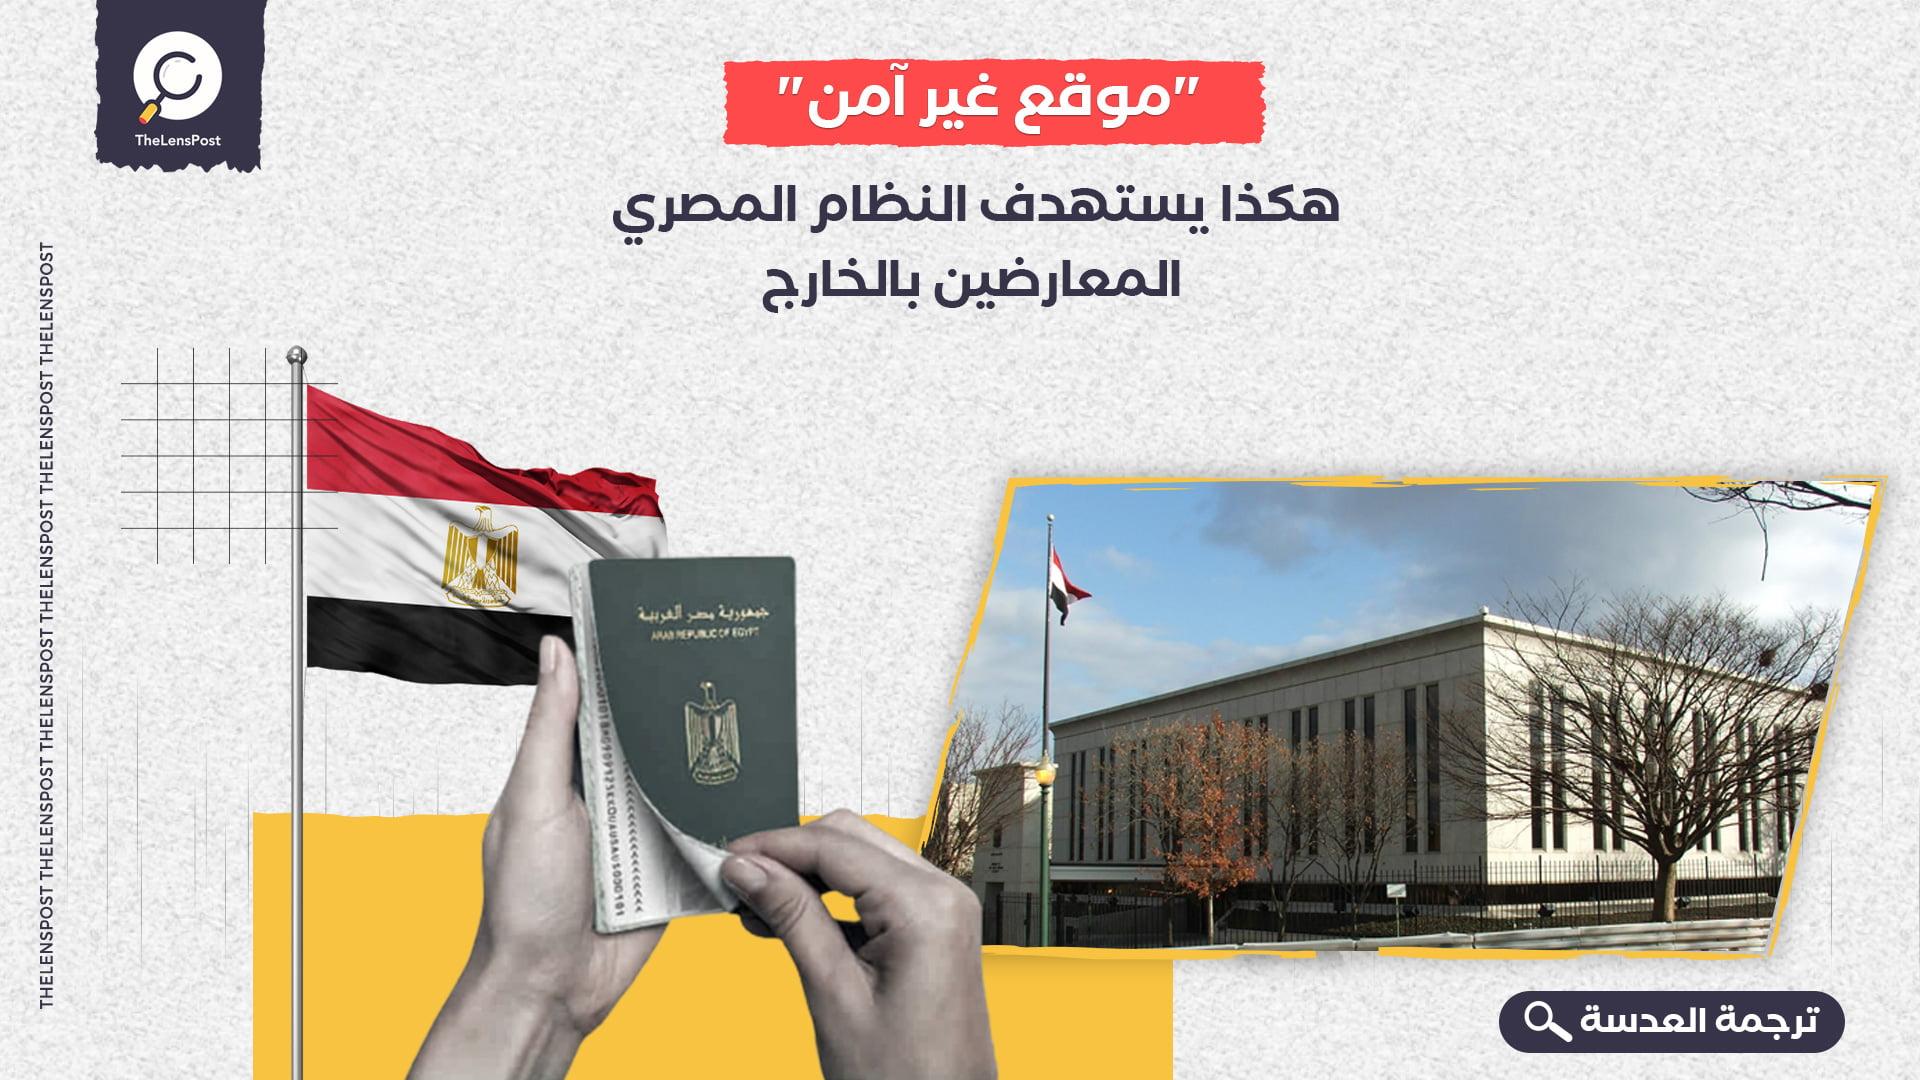 """""""موقع غير آمن""""... هكذا يستهدف النظام المصري المعارضين بالخارج"""